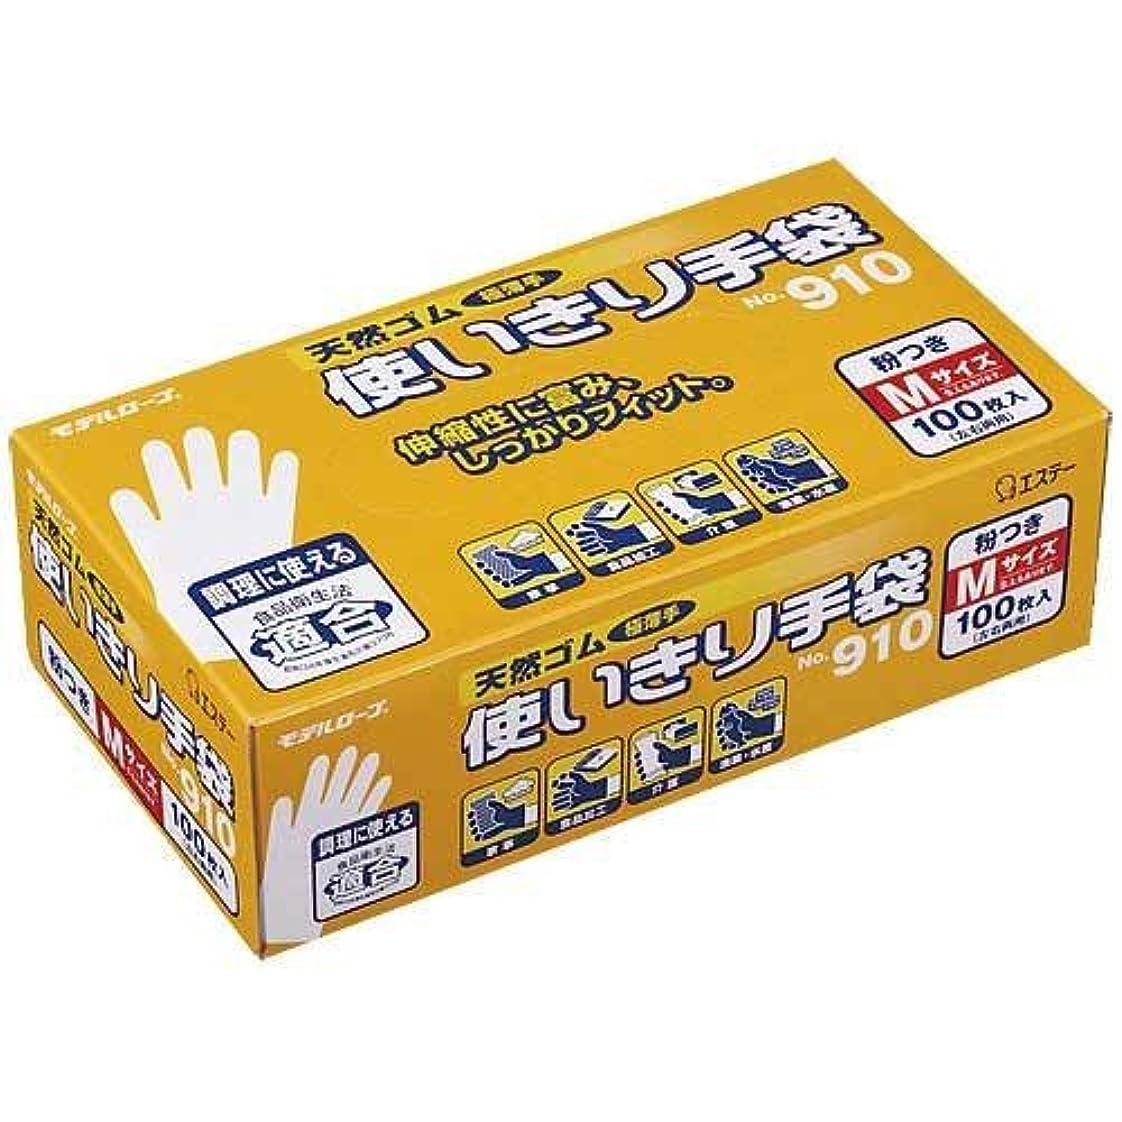 クライアント権威中傷エステー ラバー ディスポ 手袋 No.910(100枚入)M